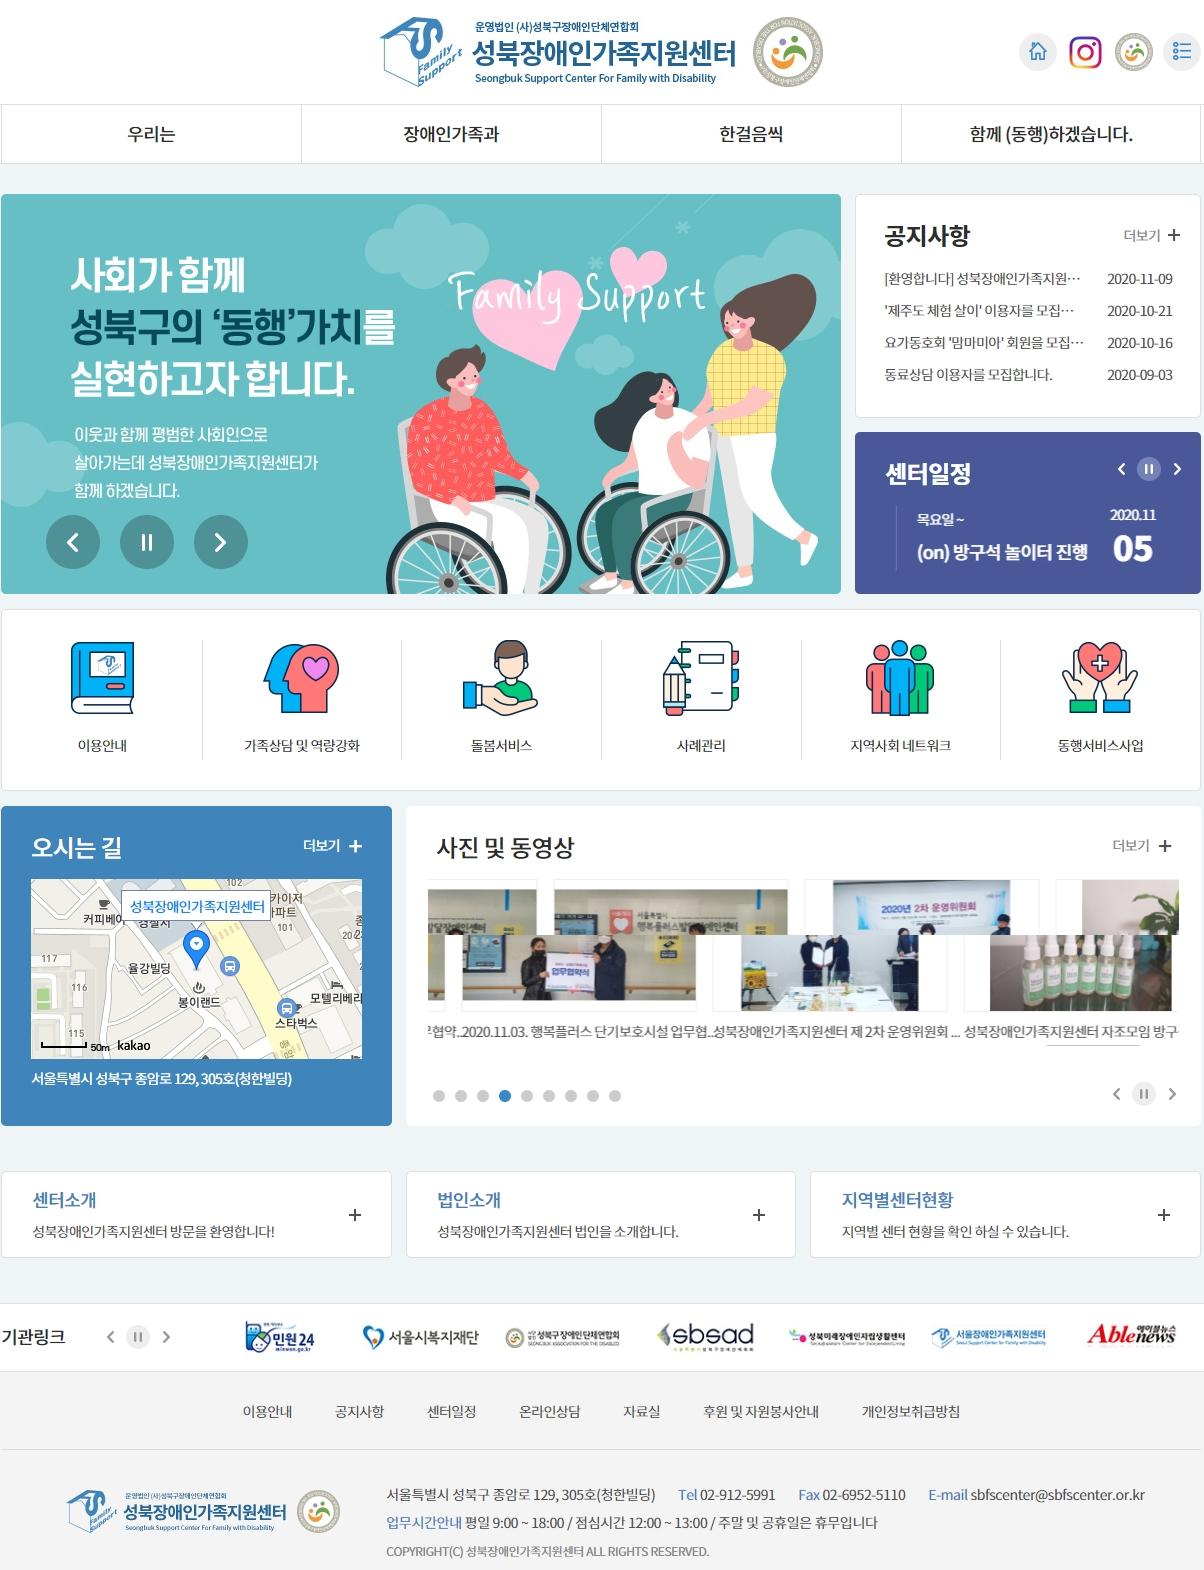 성북장애인가족지원센터